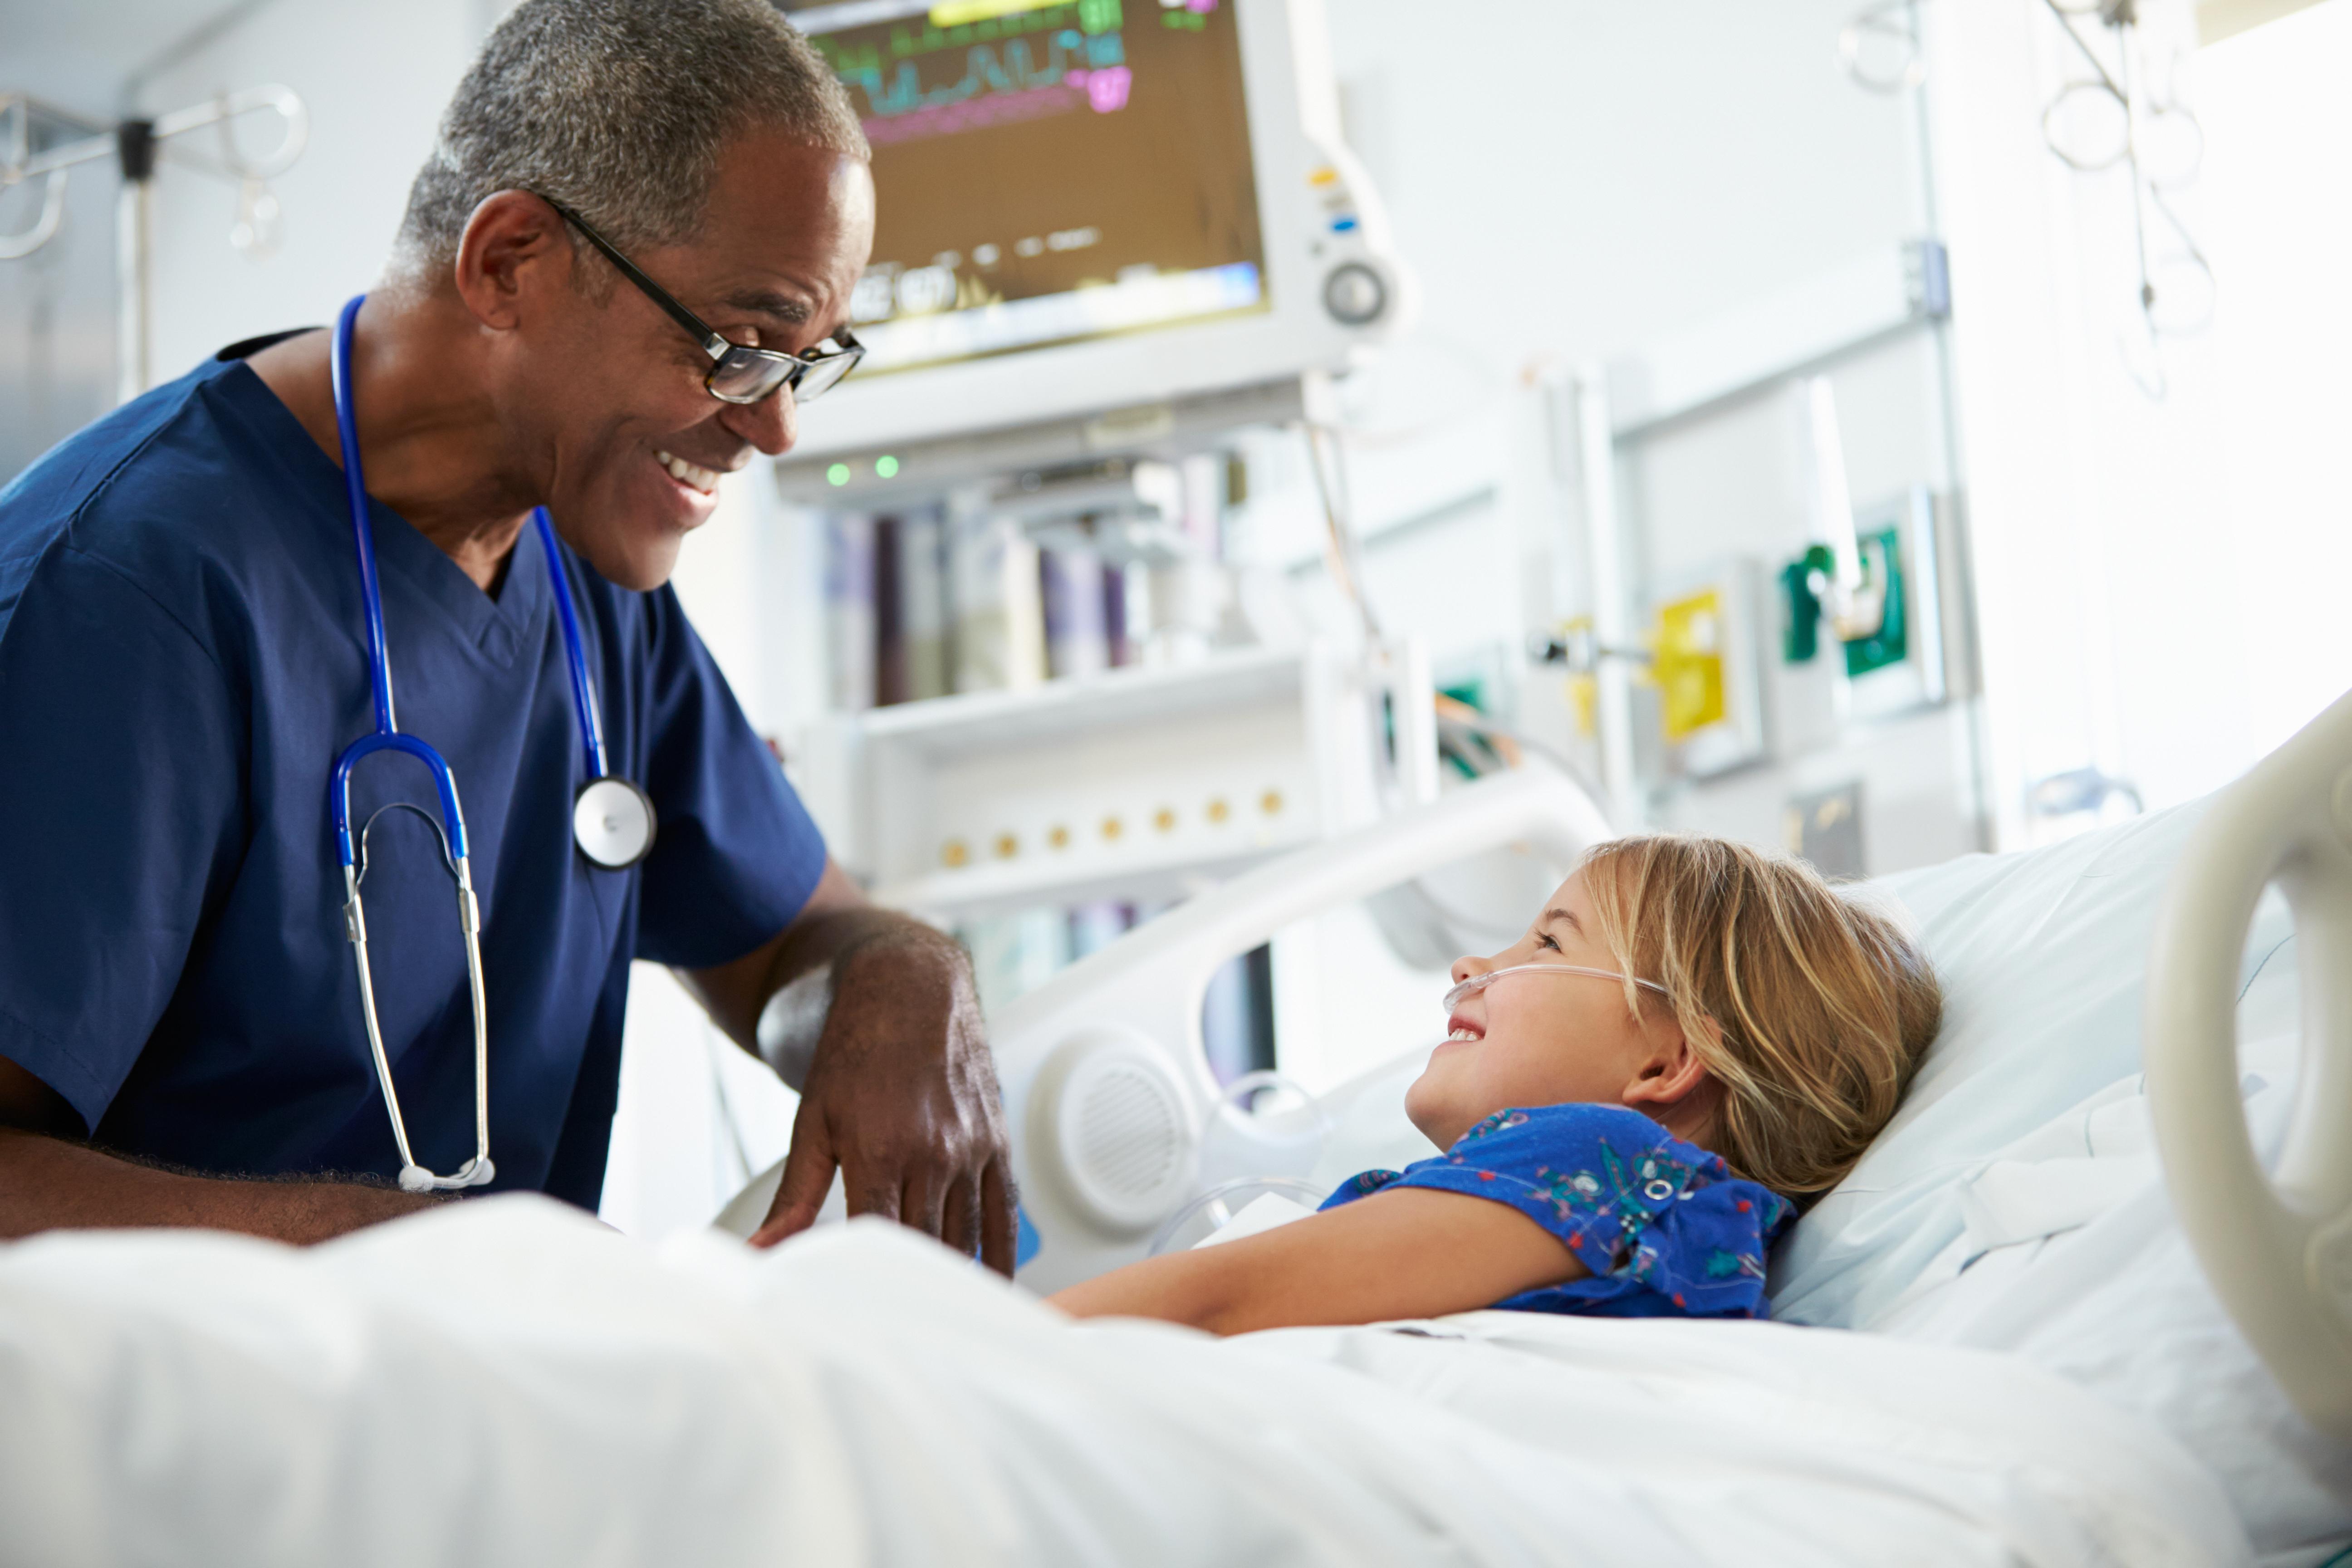 Cancer är idag den vanligaste dödsorsaken bland barn mellan 1-14 år och varje år drabbas drygt 300 barn i Sverige av sjukdomen.